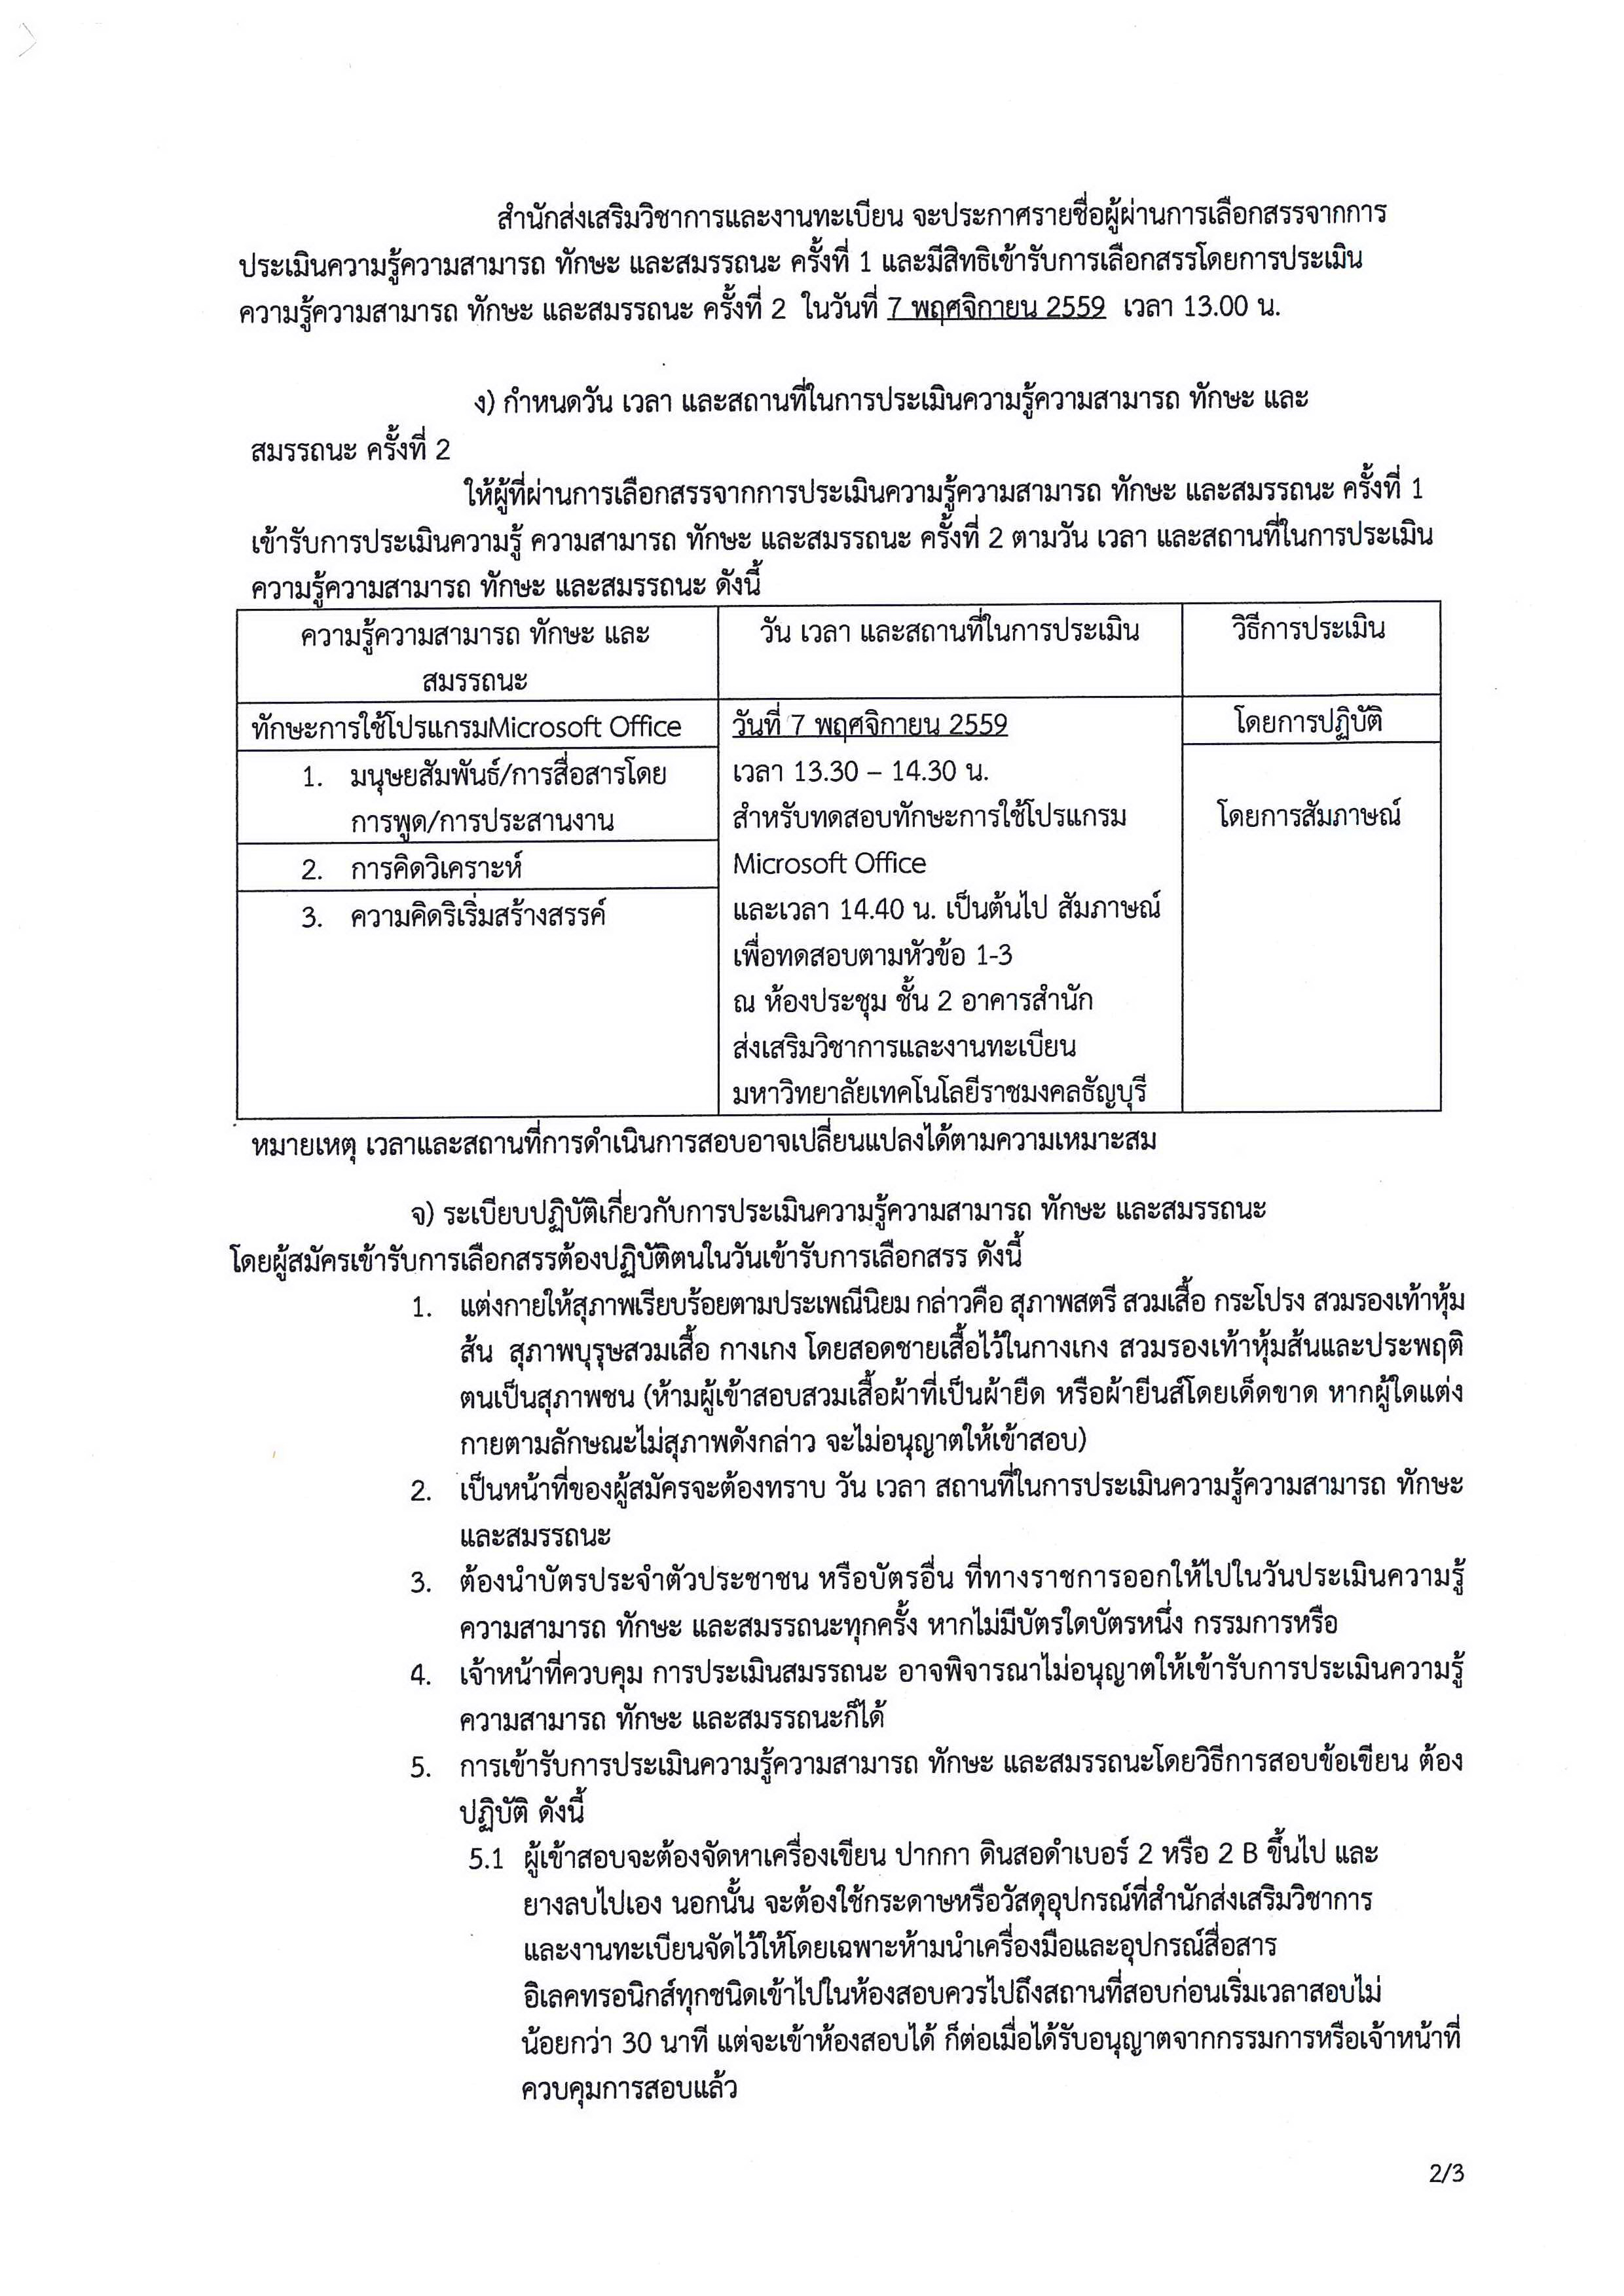 ประกาศ รายชื่อผู้มีสิทธิเข้ารับการประเมิน ความรู้ฯ พนักงานราชการ_Page_2